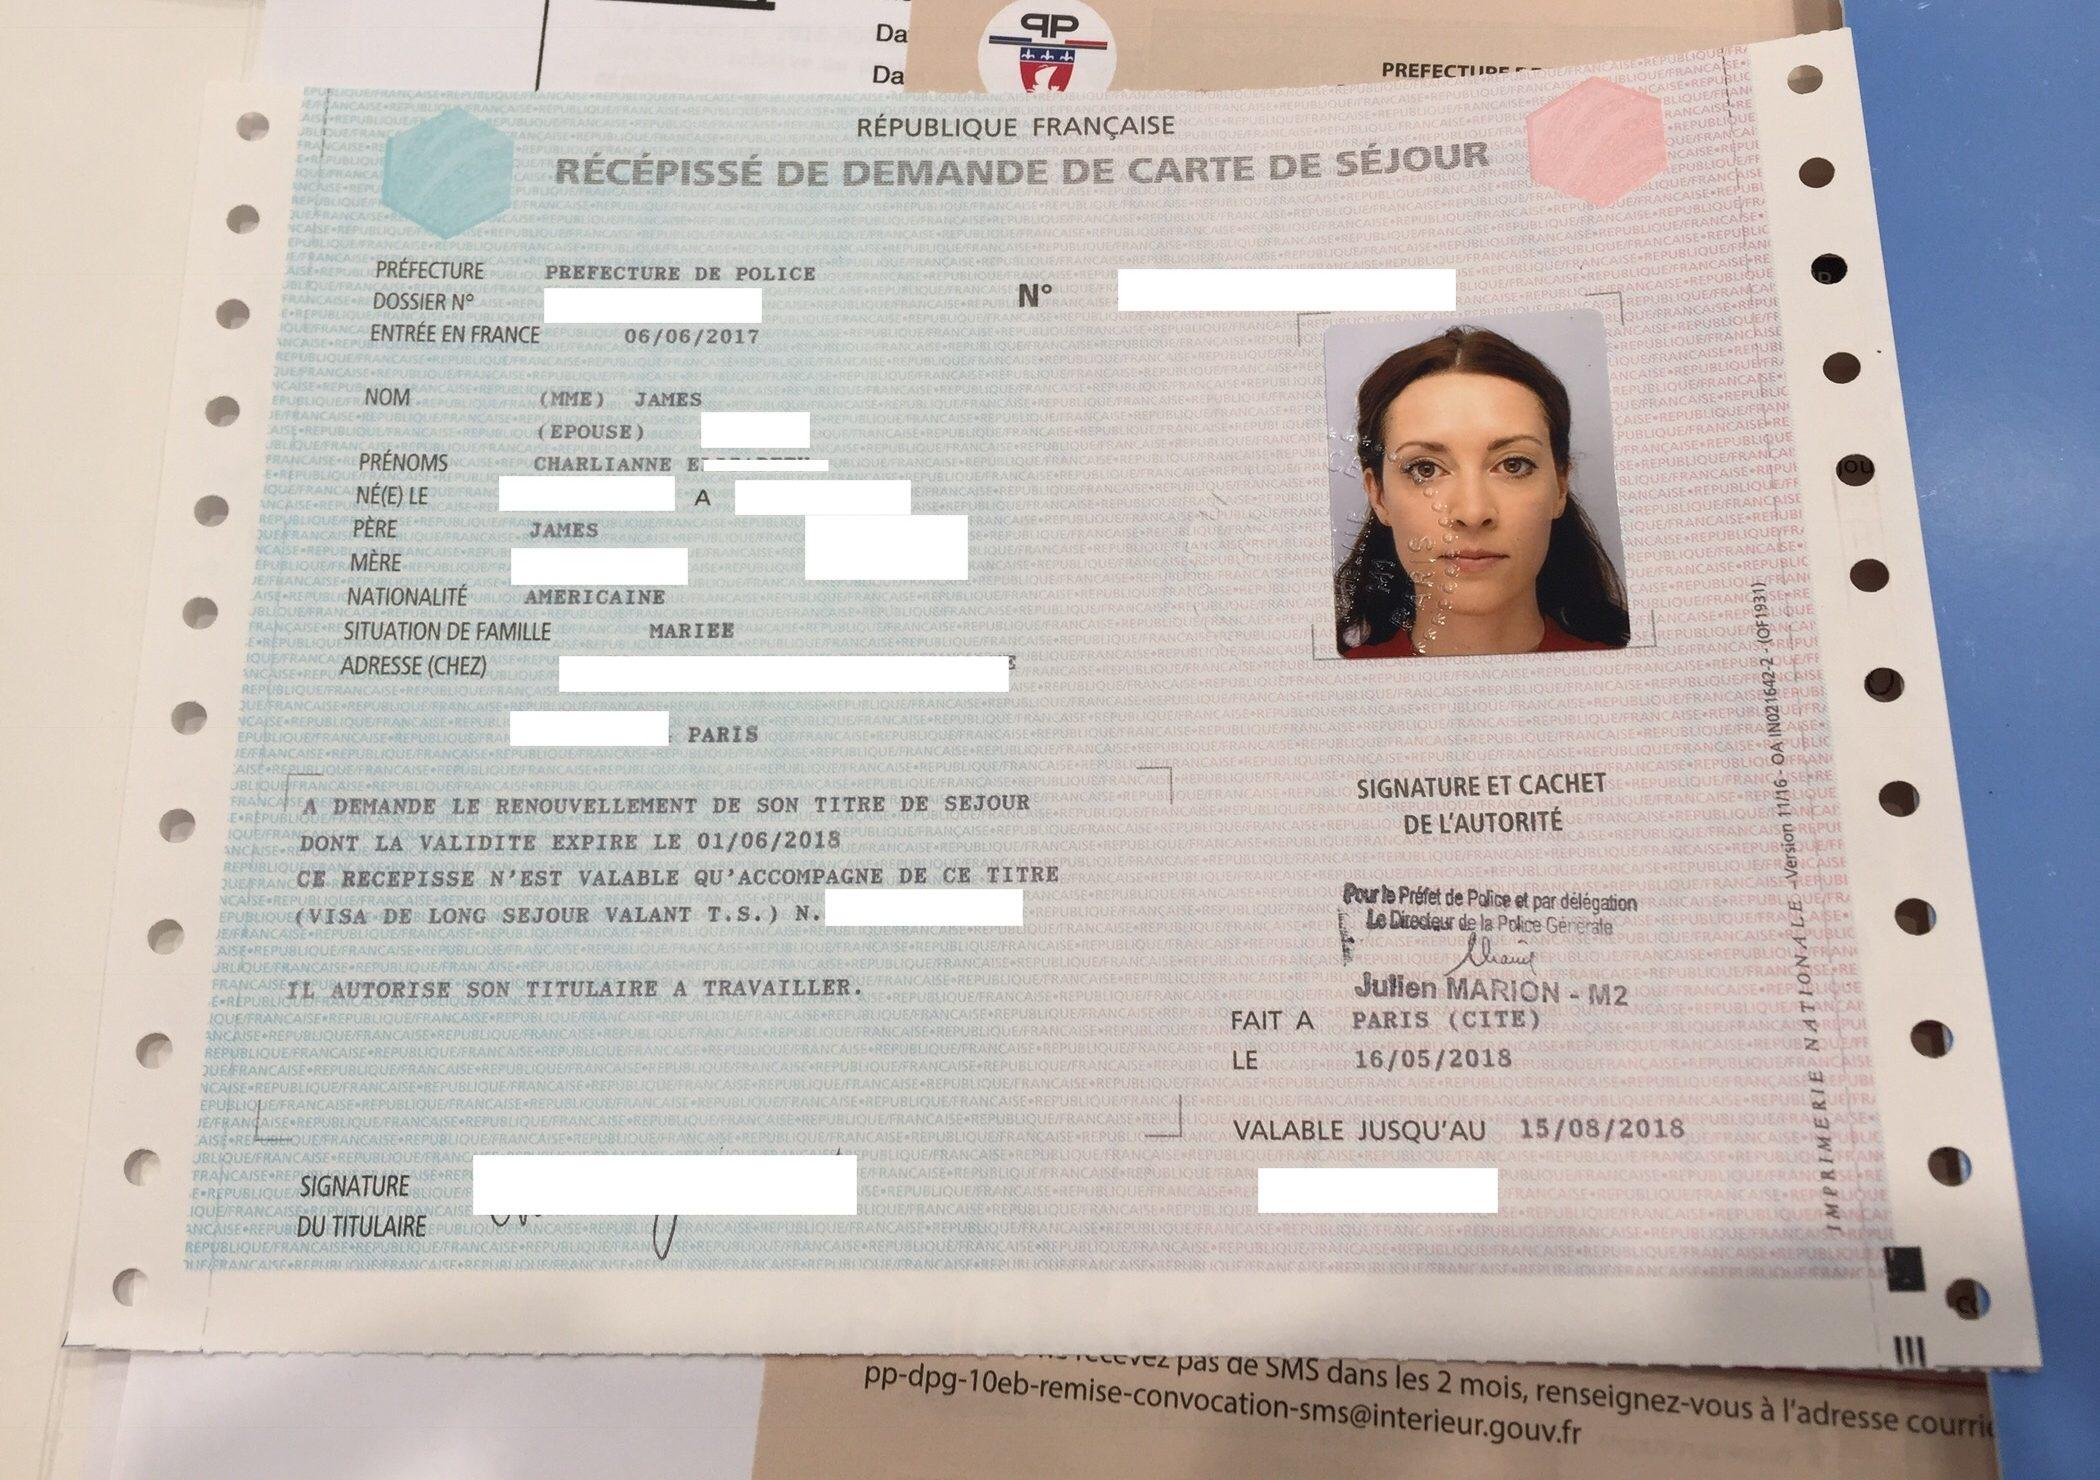 prefecture carte de sejour Carte de Séjour Guide for American Spouses – Am I French Yet?